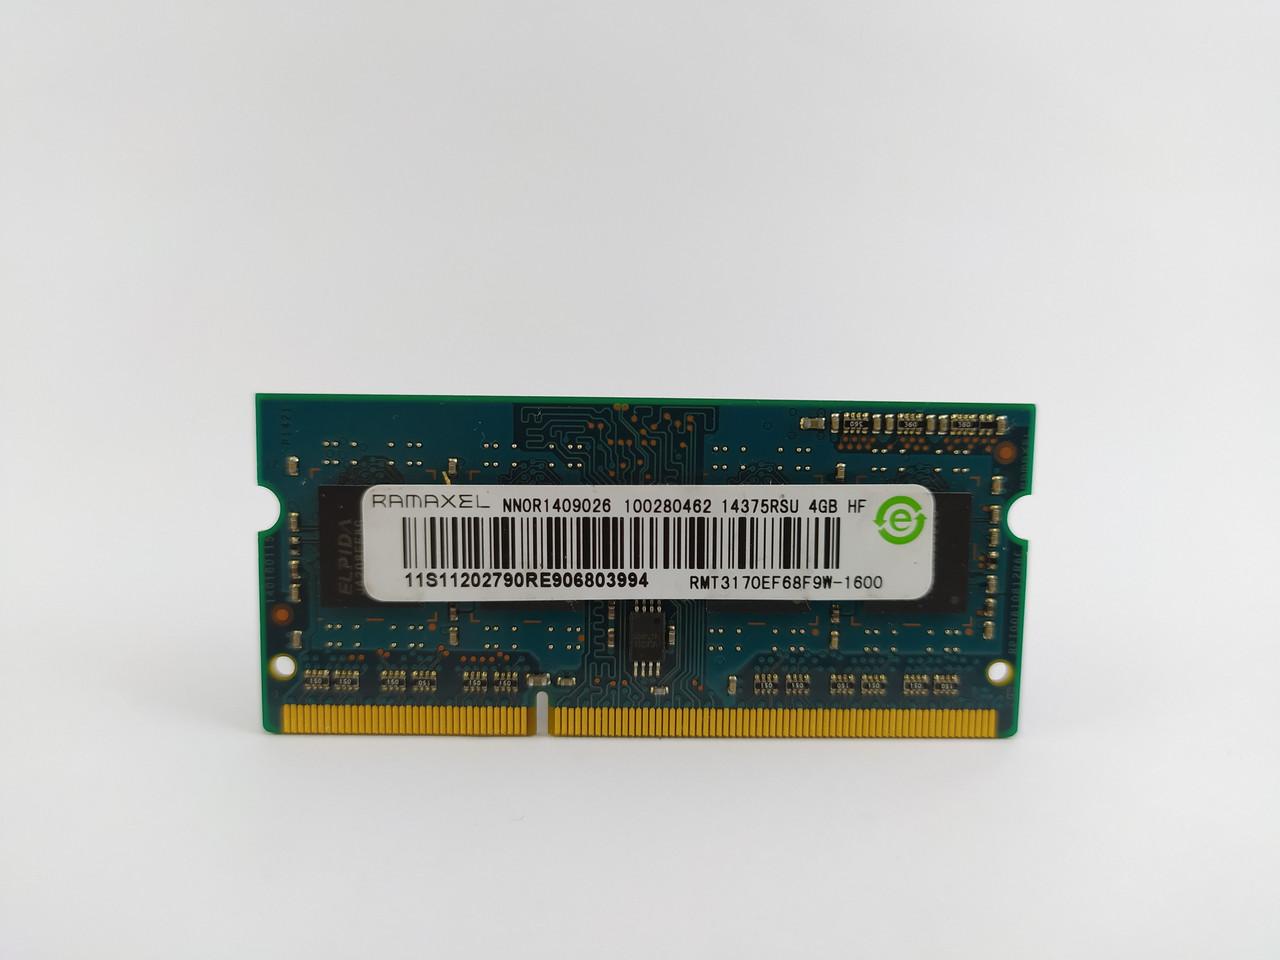 Оперативная память для ноутбука SODIMM Ramaxel DDR3 4Gb 1600MHz PC3-12800S (RMT3170EF68F9W-1600) Б/У